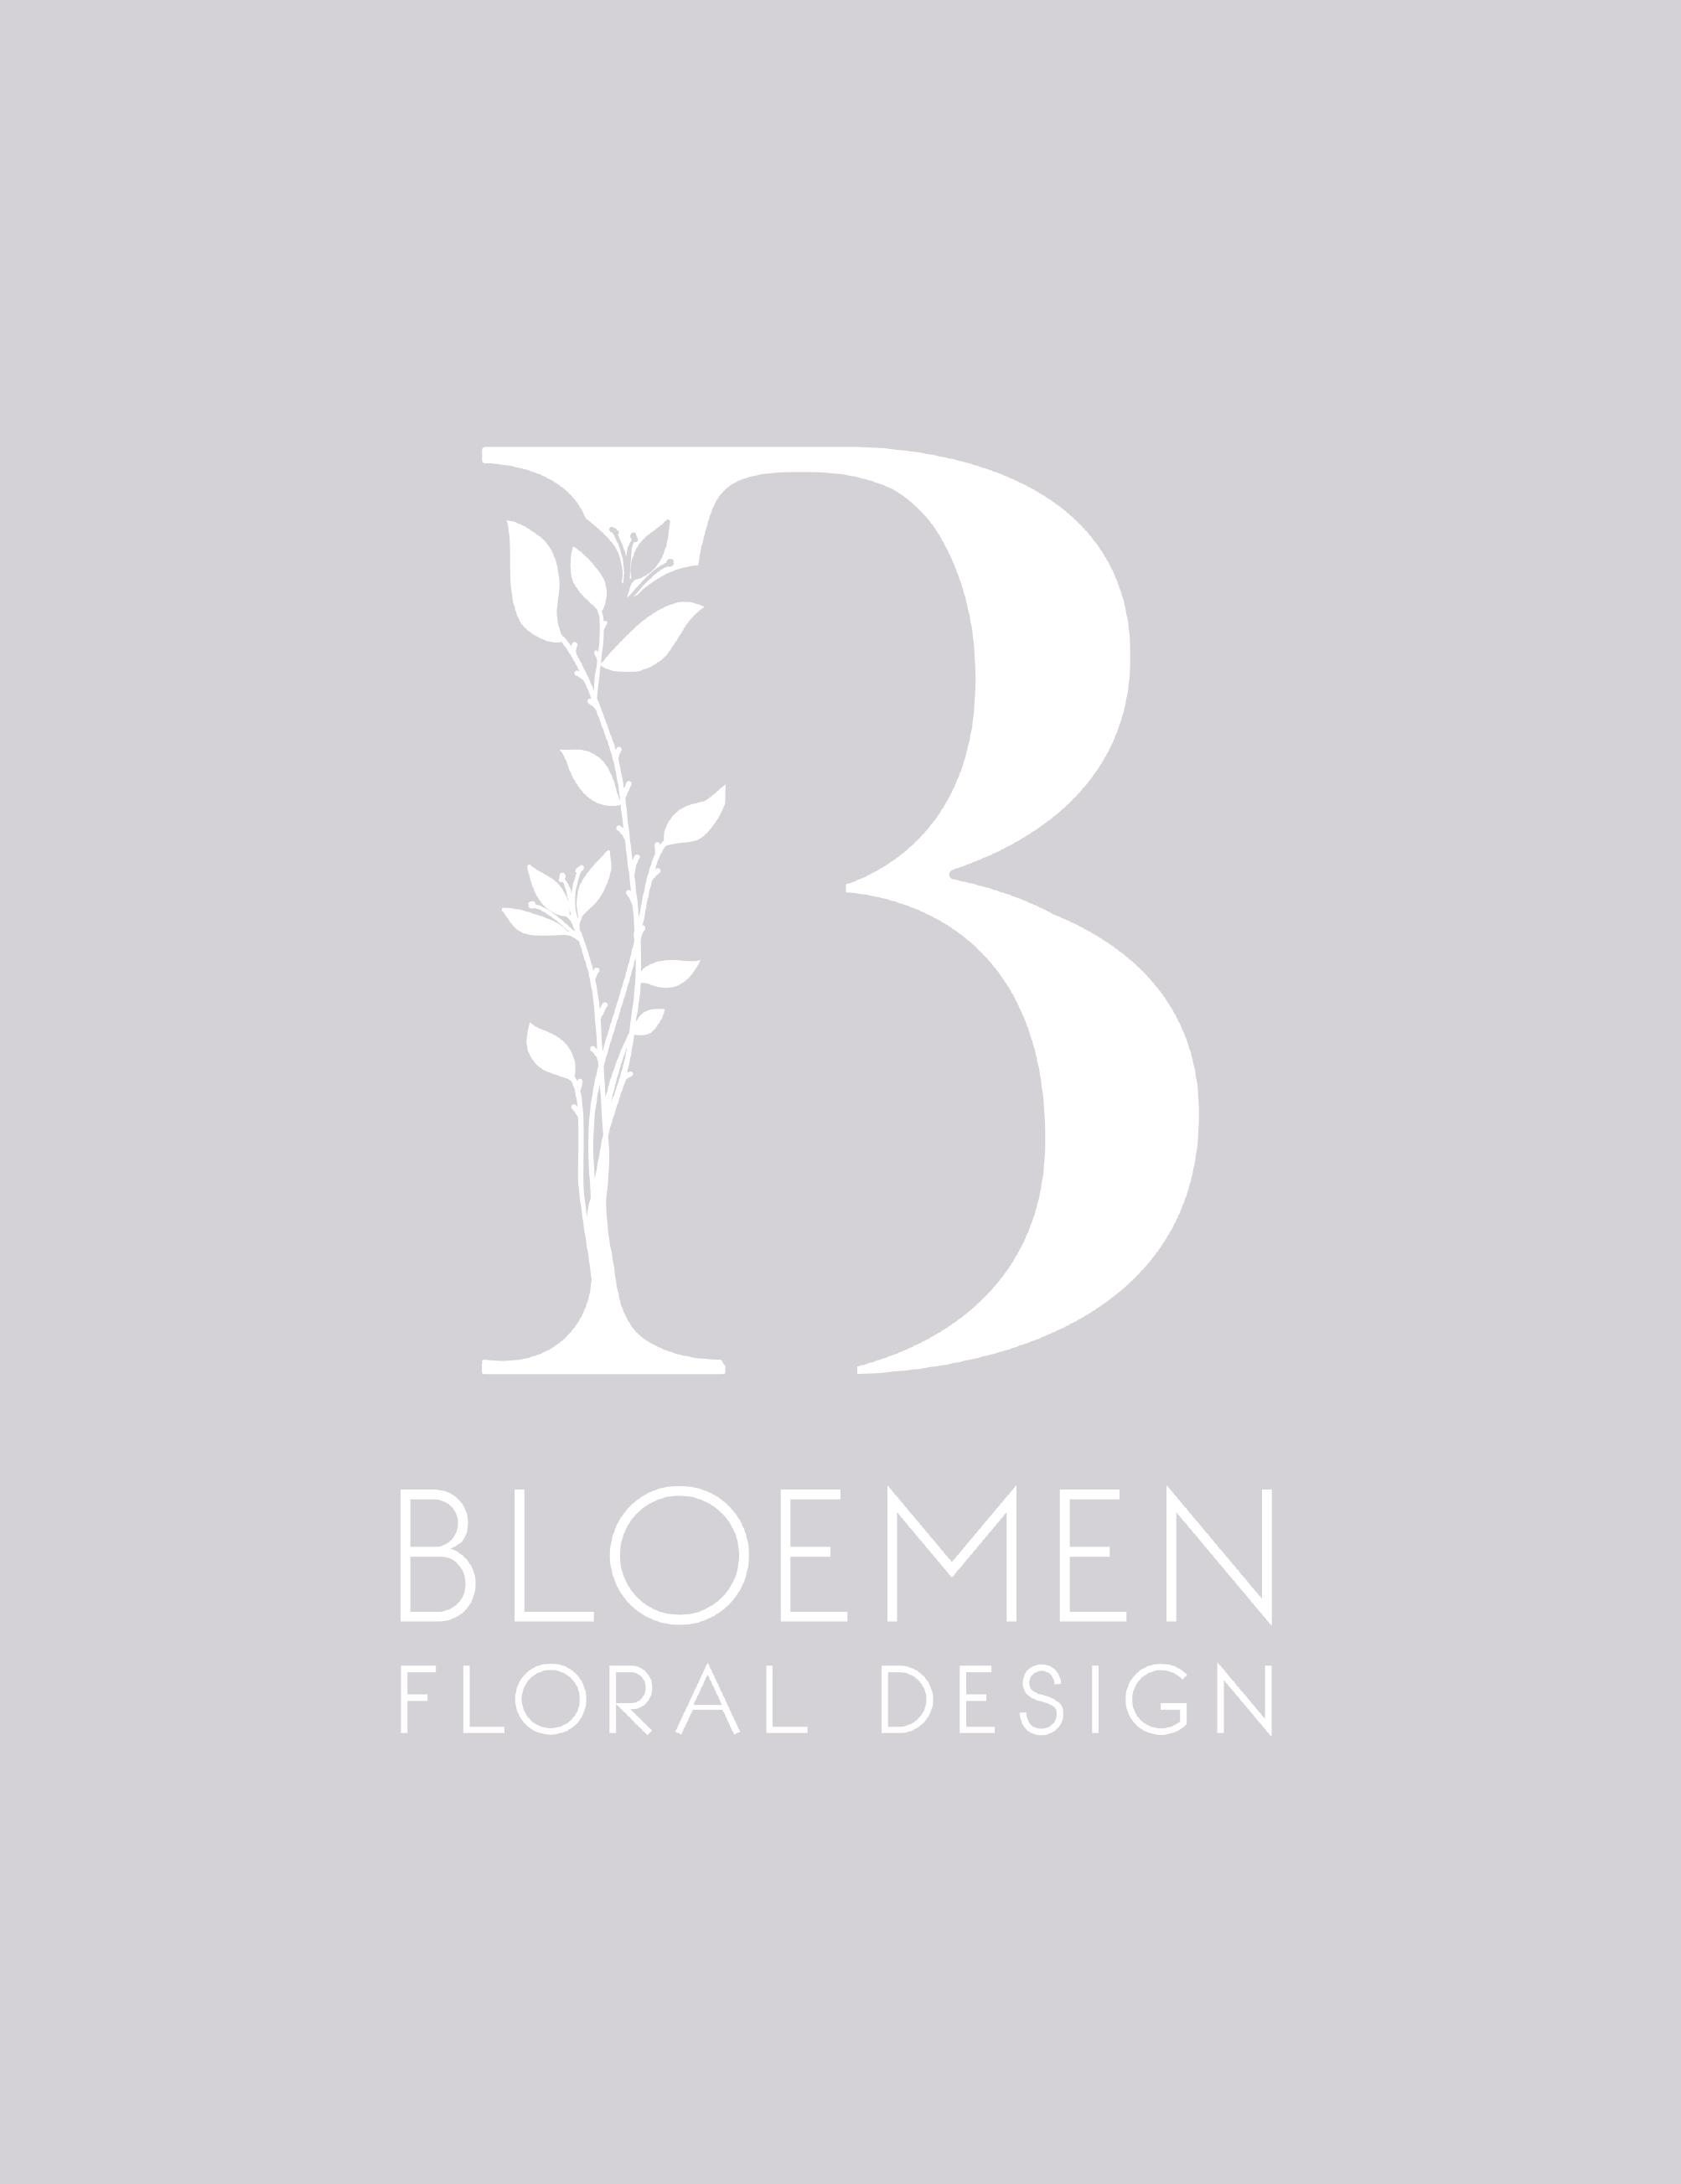 logo-design-floral-laura-vidal.png